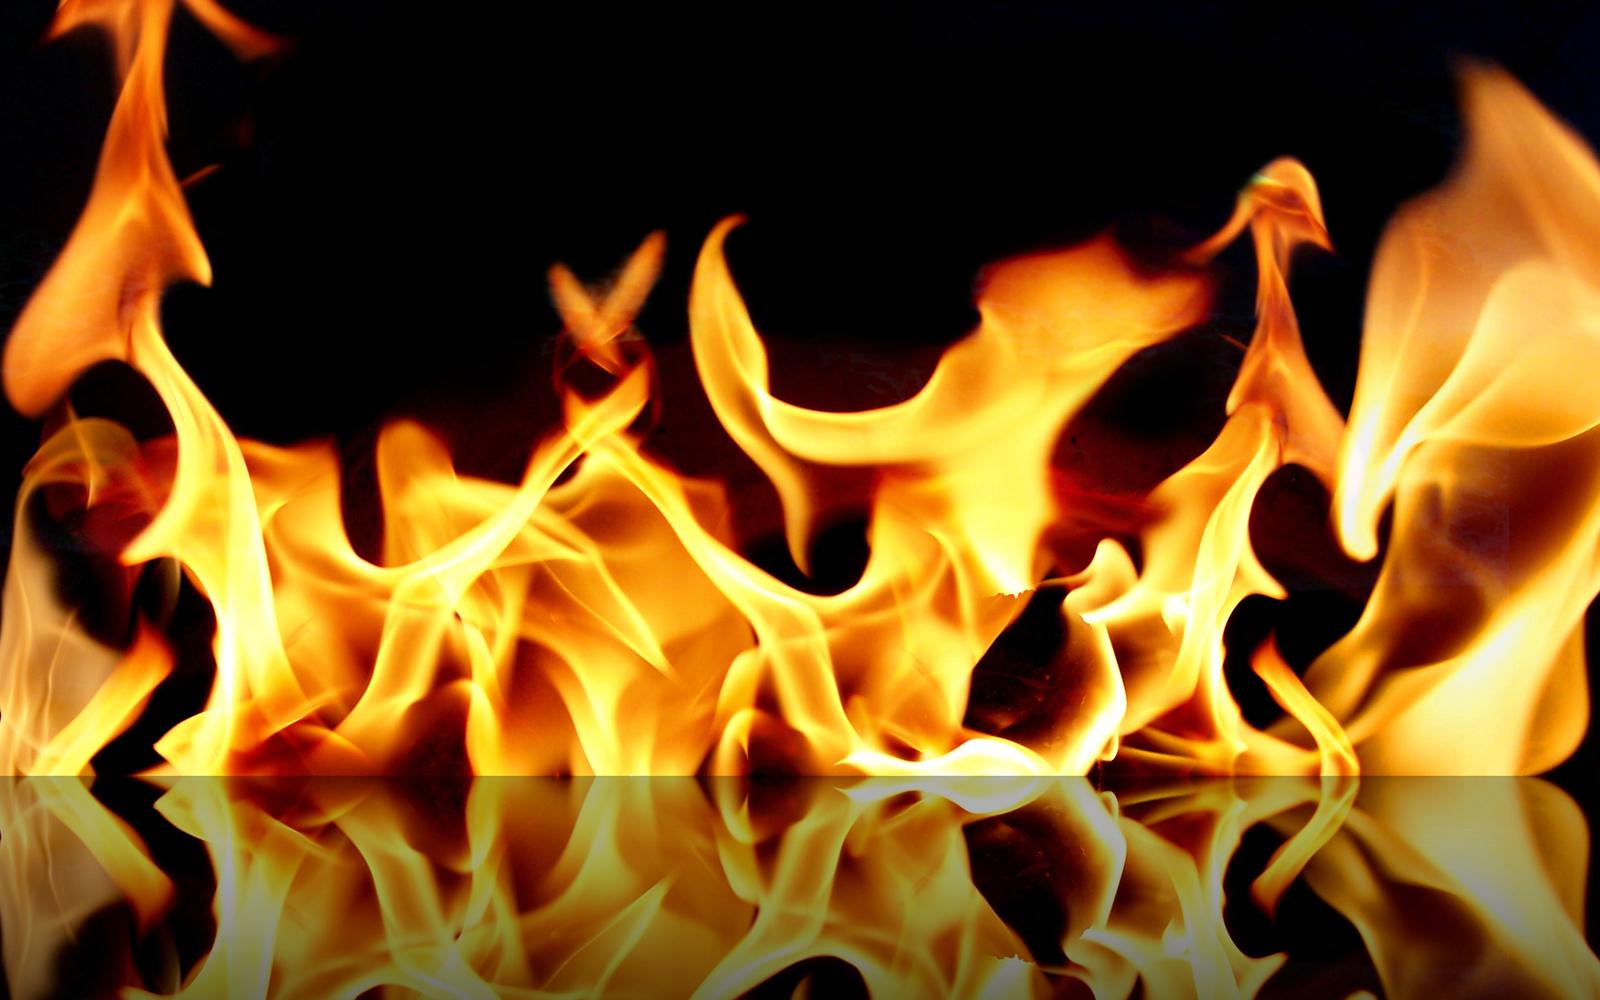 Fire Wallpaper DownloadComputer Wallpaper Wallpaper 1600x1000